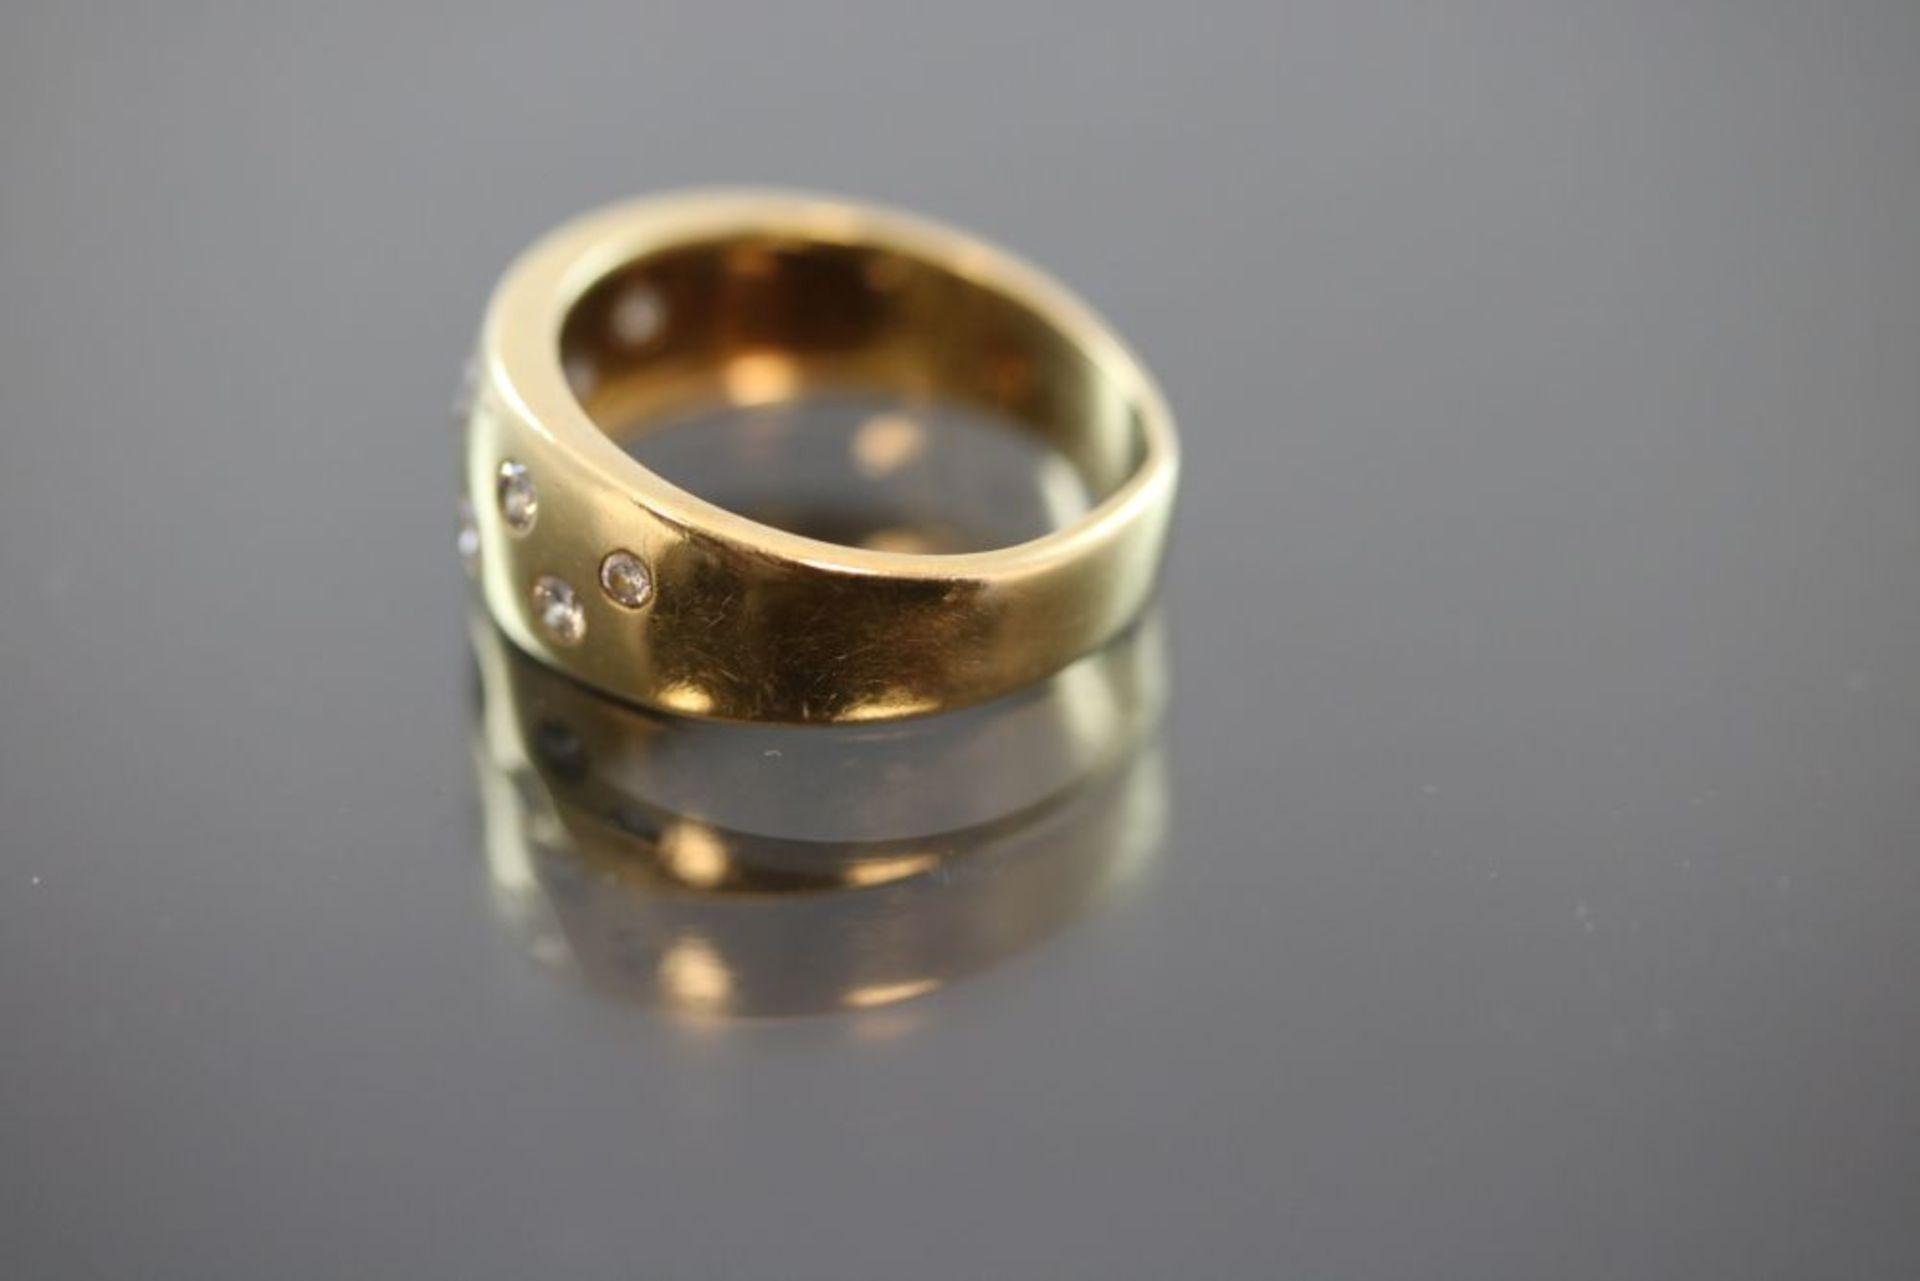 Brillant-Ring, 750 Gold - Bild 2 aus 3